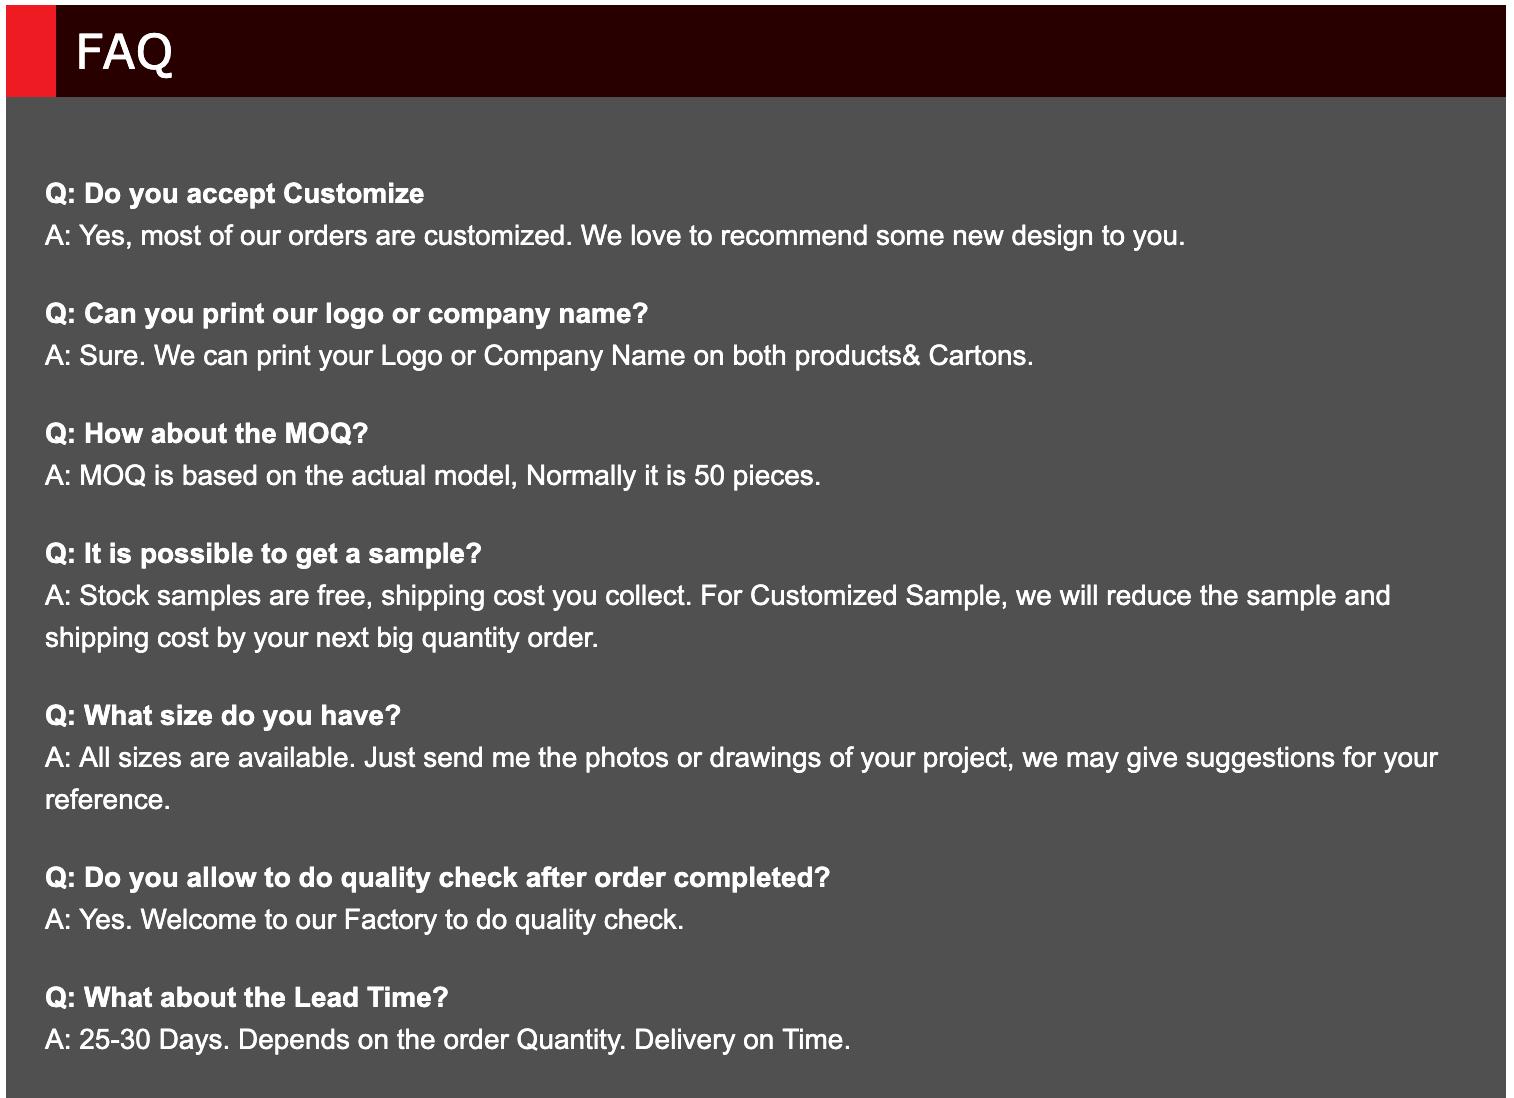 Backlit Mirror Suppliers FAQ